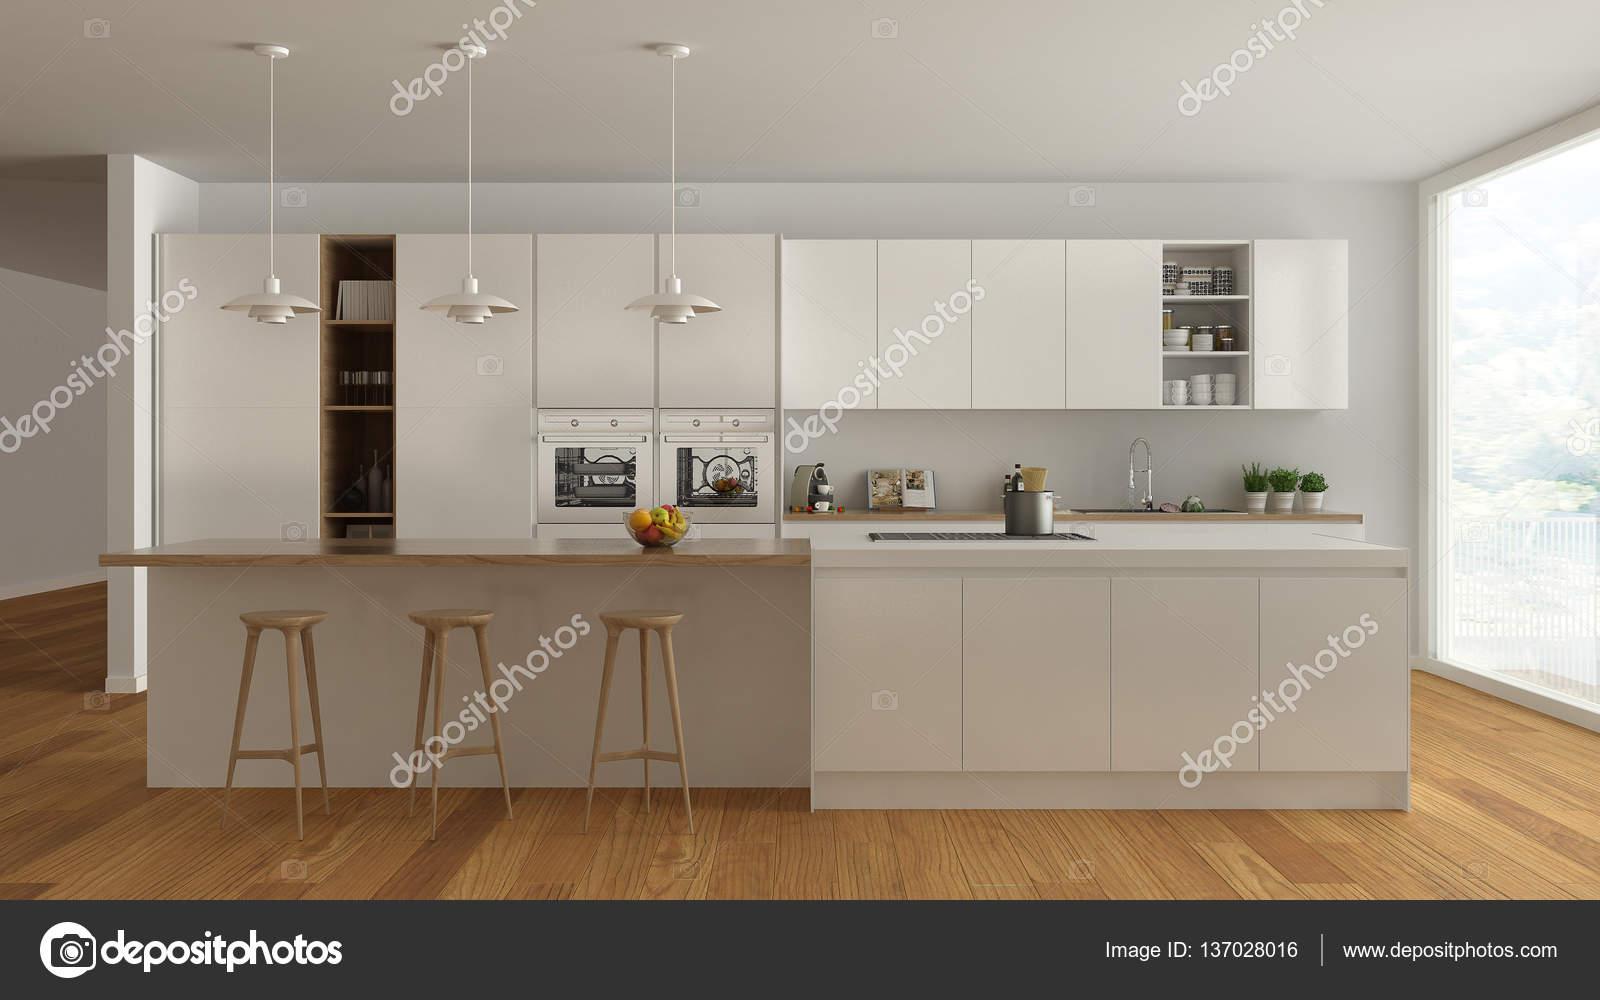 Skandinavische weiße Küche mit Holz- und weißen Details, minima ...